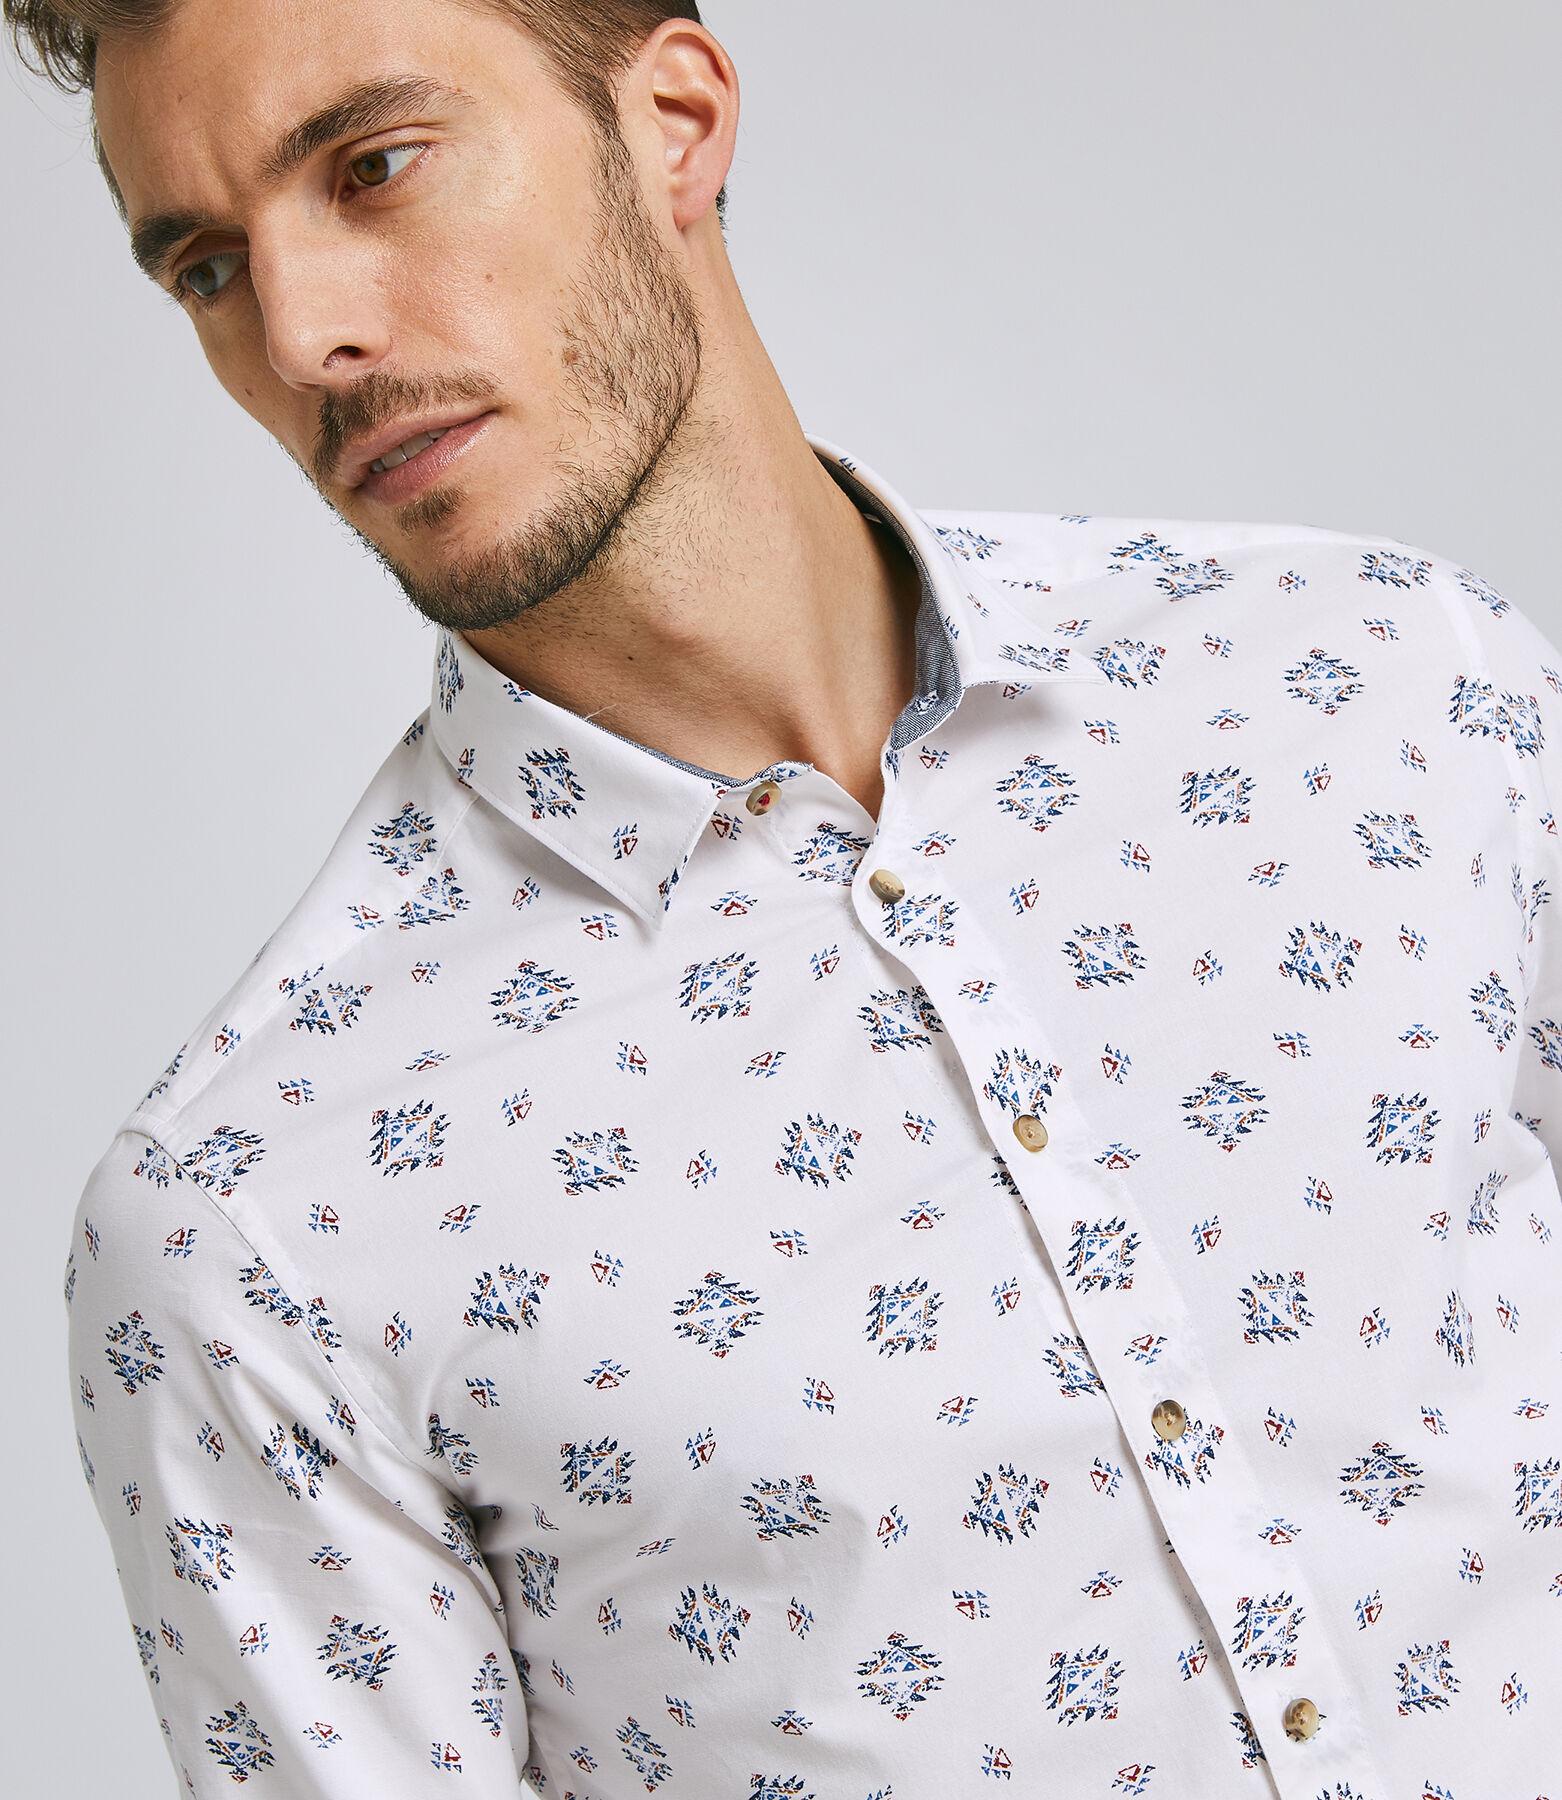 Chemise Sportswear Blanc Fantaisie